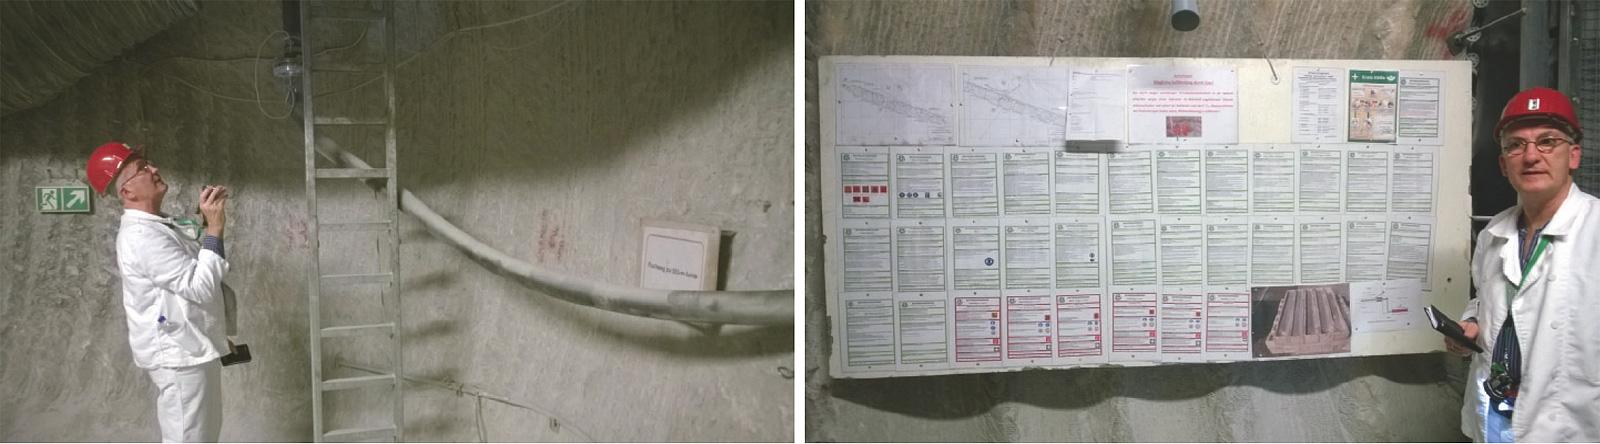 Fig. 3.  Site audit at an underground exploration drilling project, Asse mine. // Bild 3.  Baustellenaudit der untertägigen Erkundungsbohrungen auf dem Bergwerk Asse. Photos/Fotos: THYSSEN SCHACHTBAU